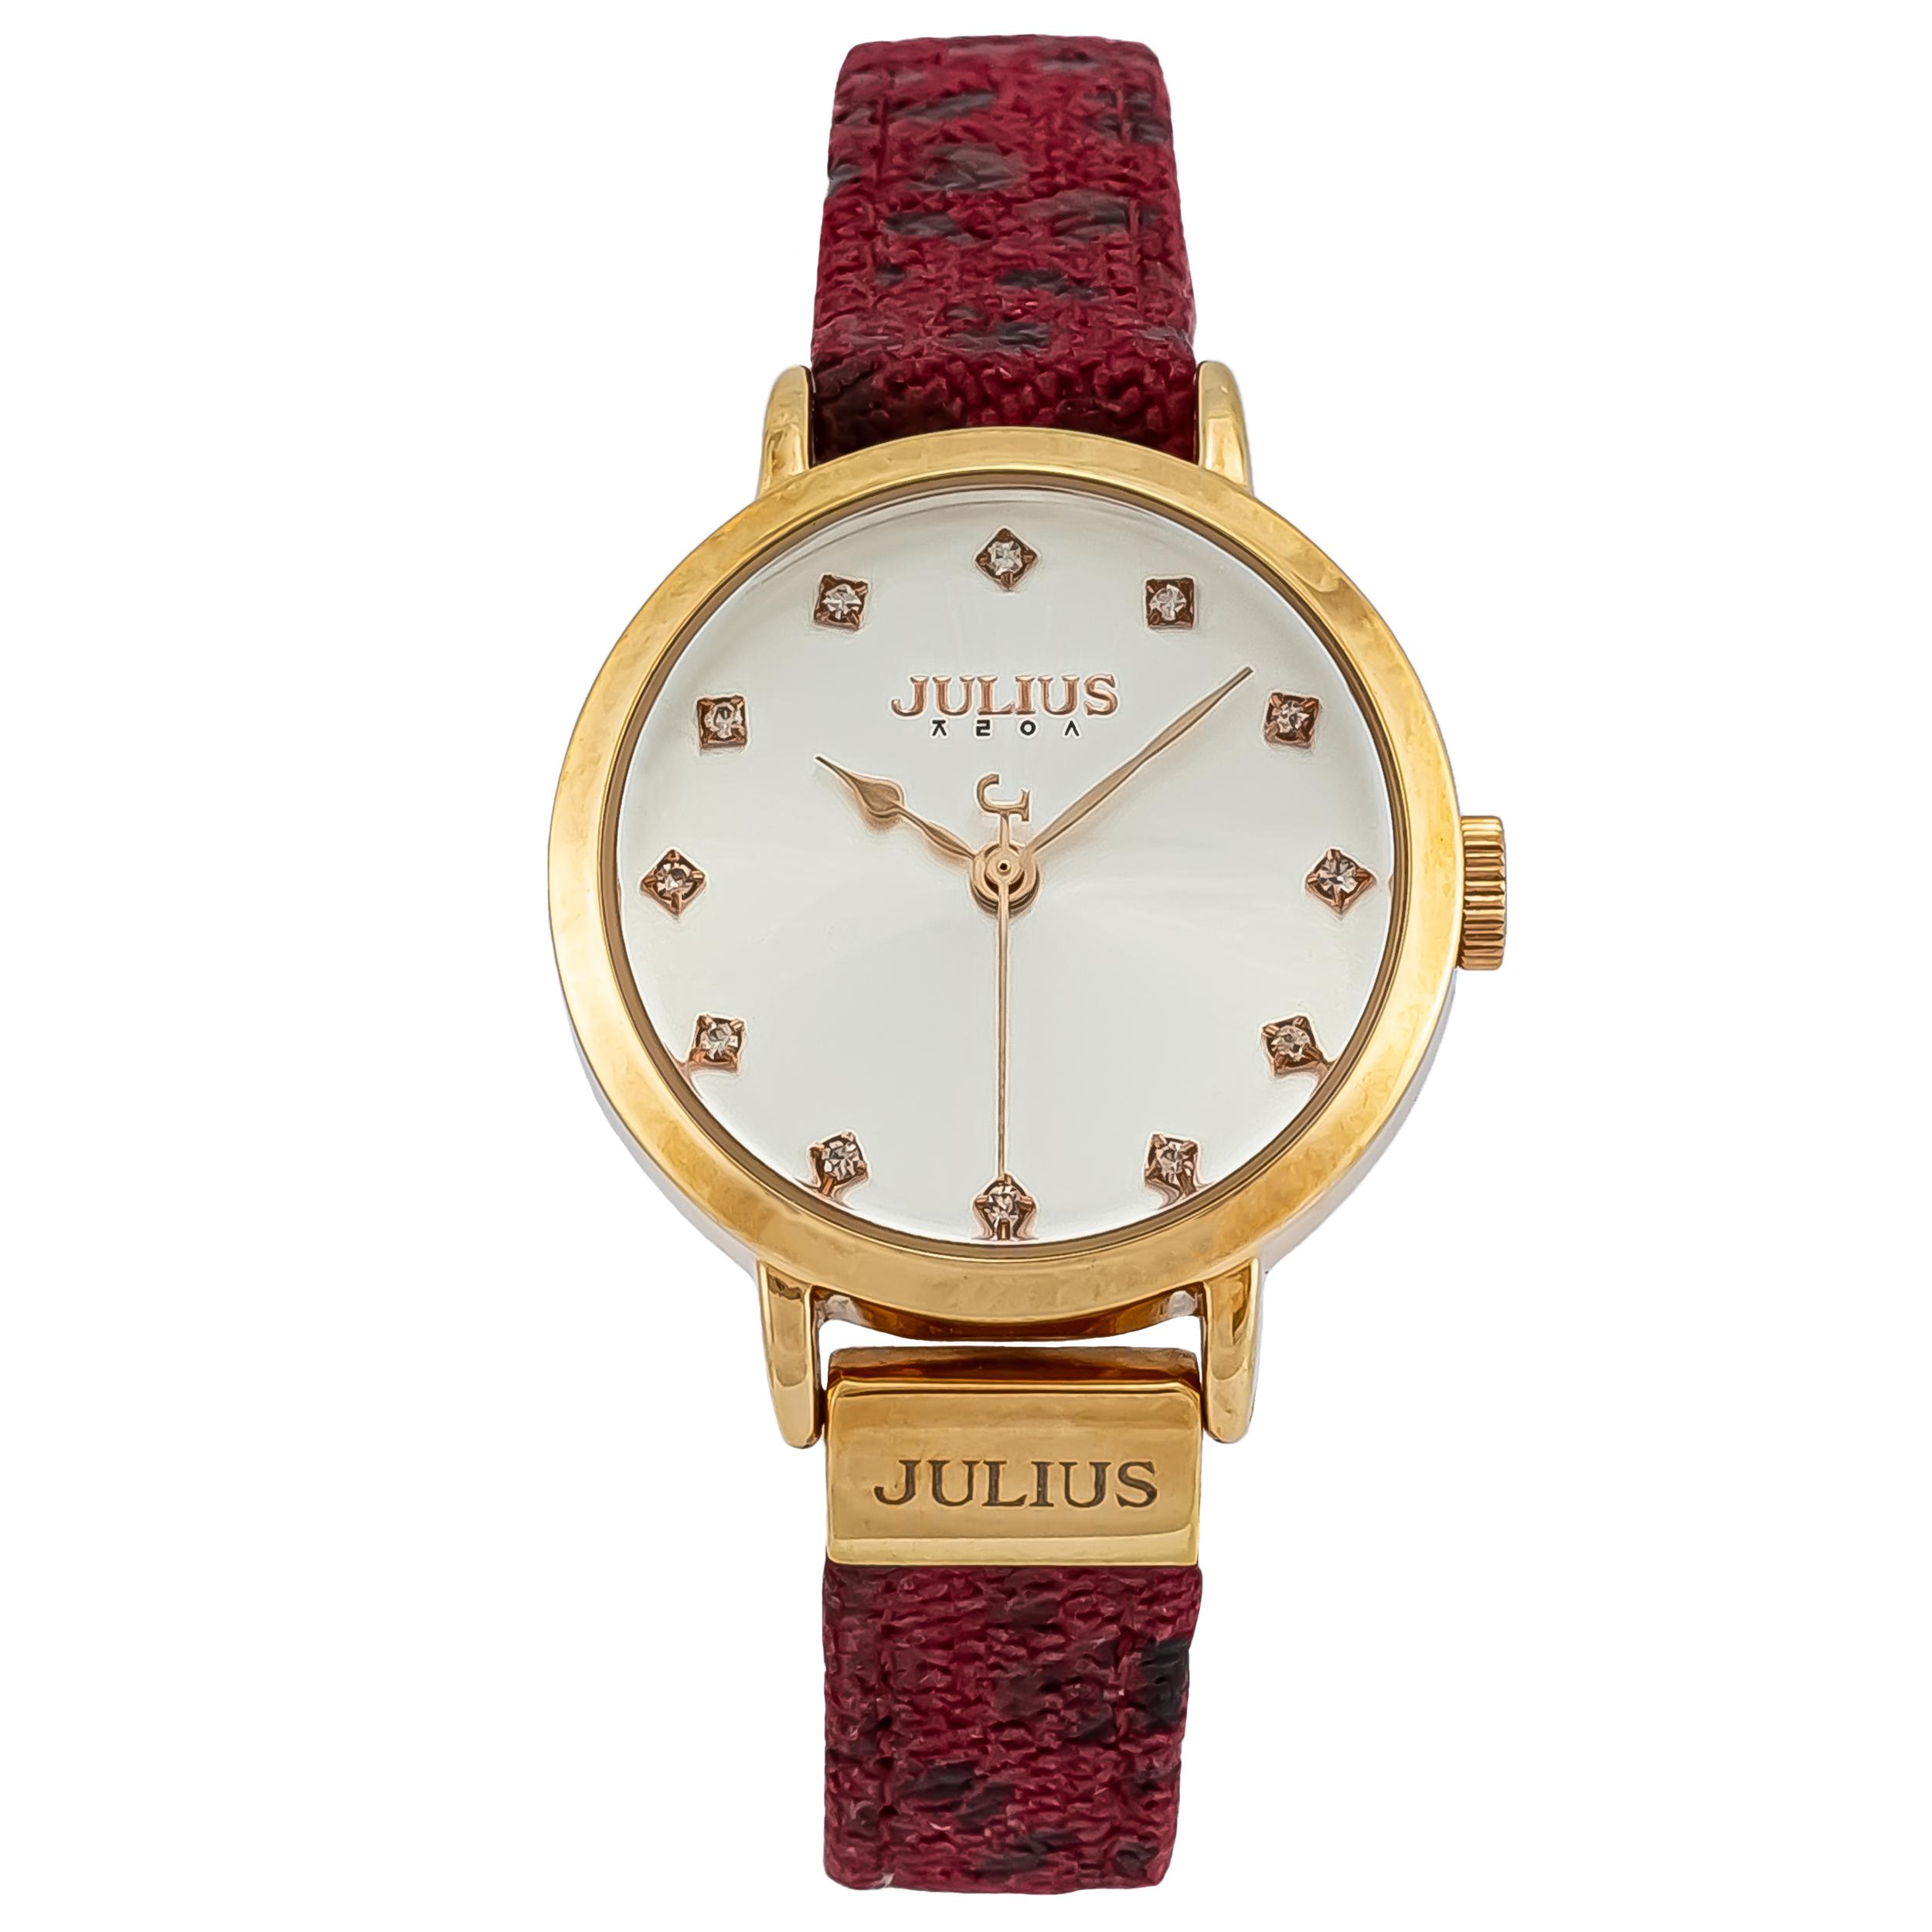 ساعت مچی عقربه ای زنانه جولیوس مدل JA976              ارزان